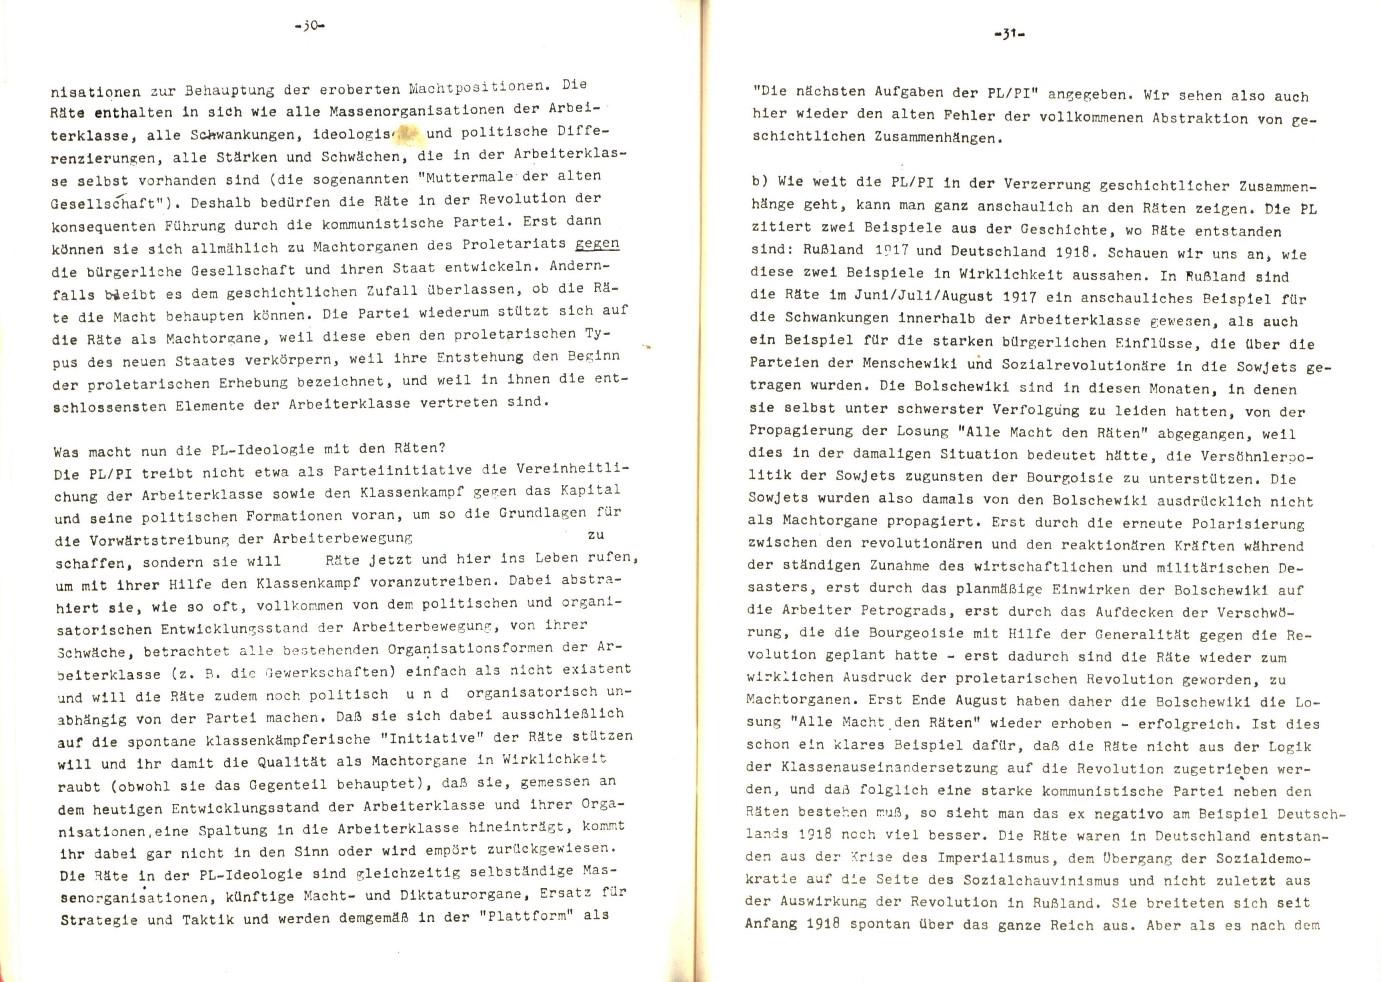 PLPI_1971_Aufloesung_18